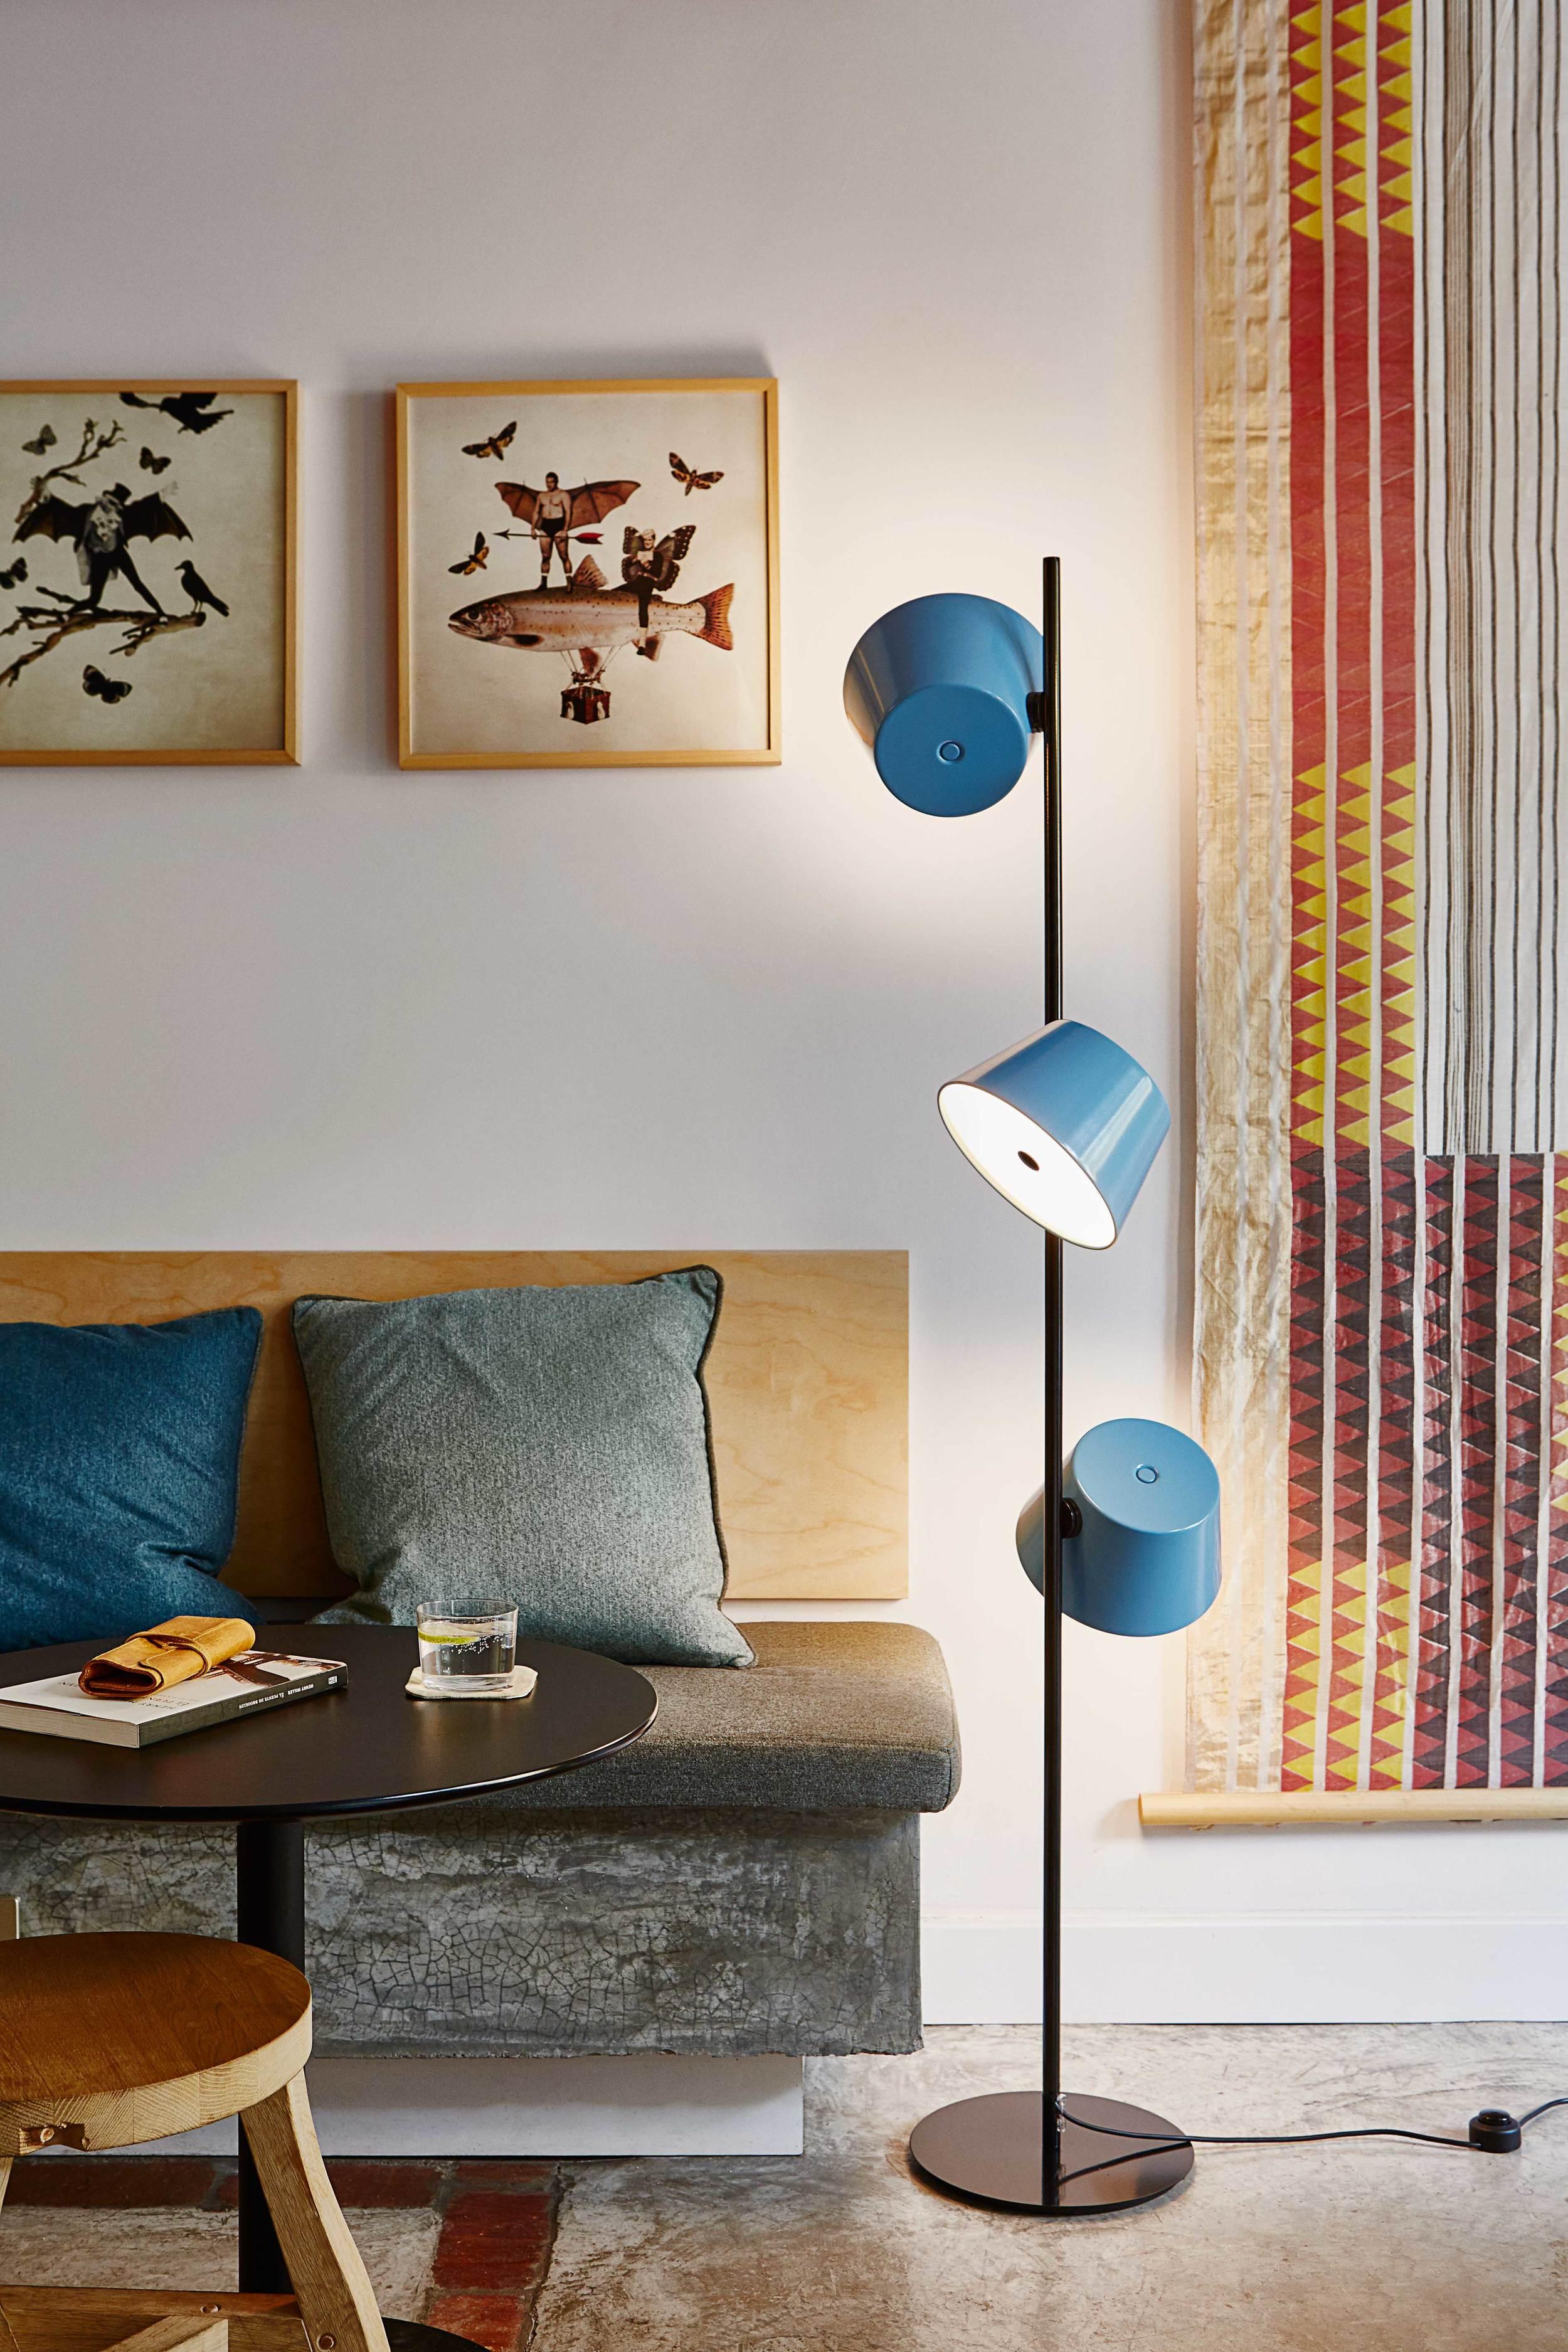 Marset Tam Tam floor lamp